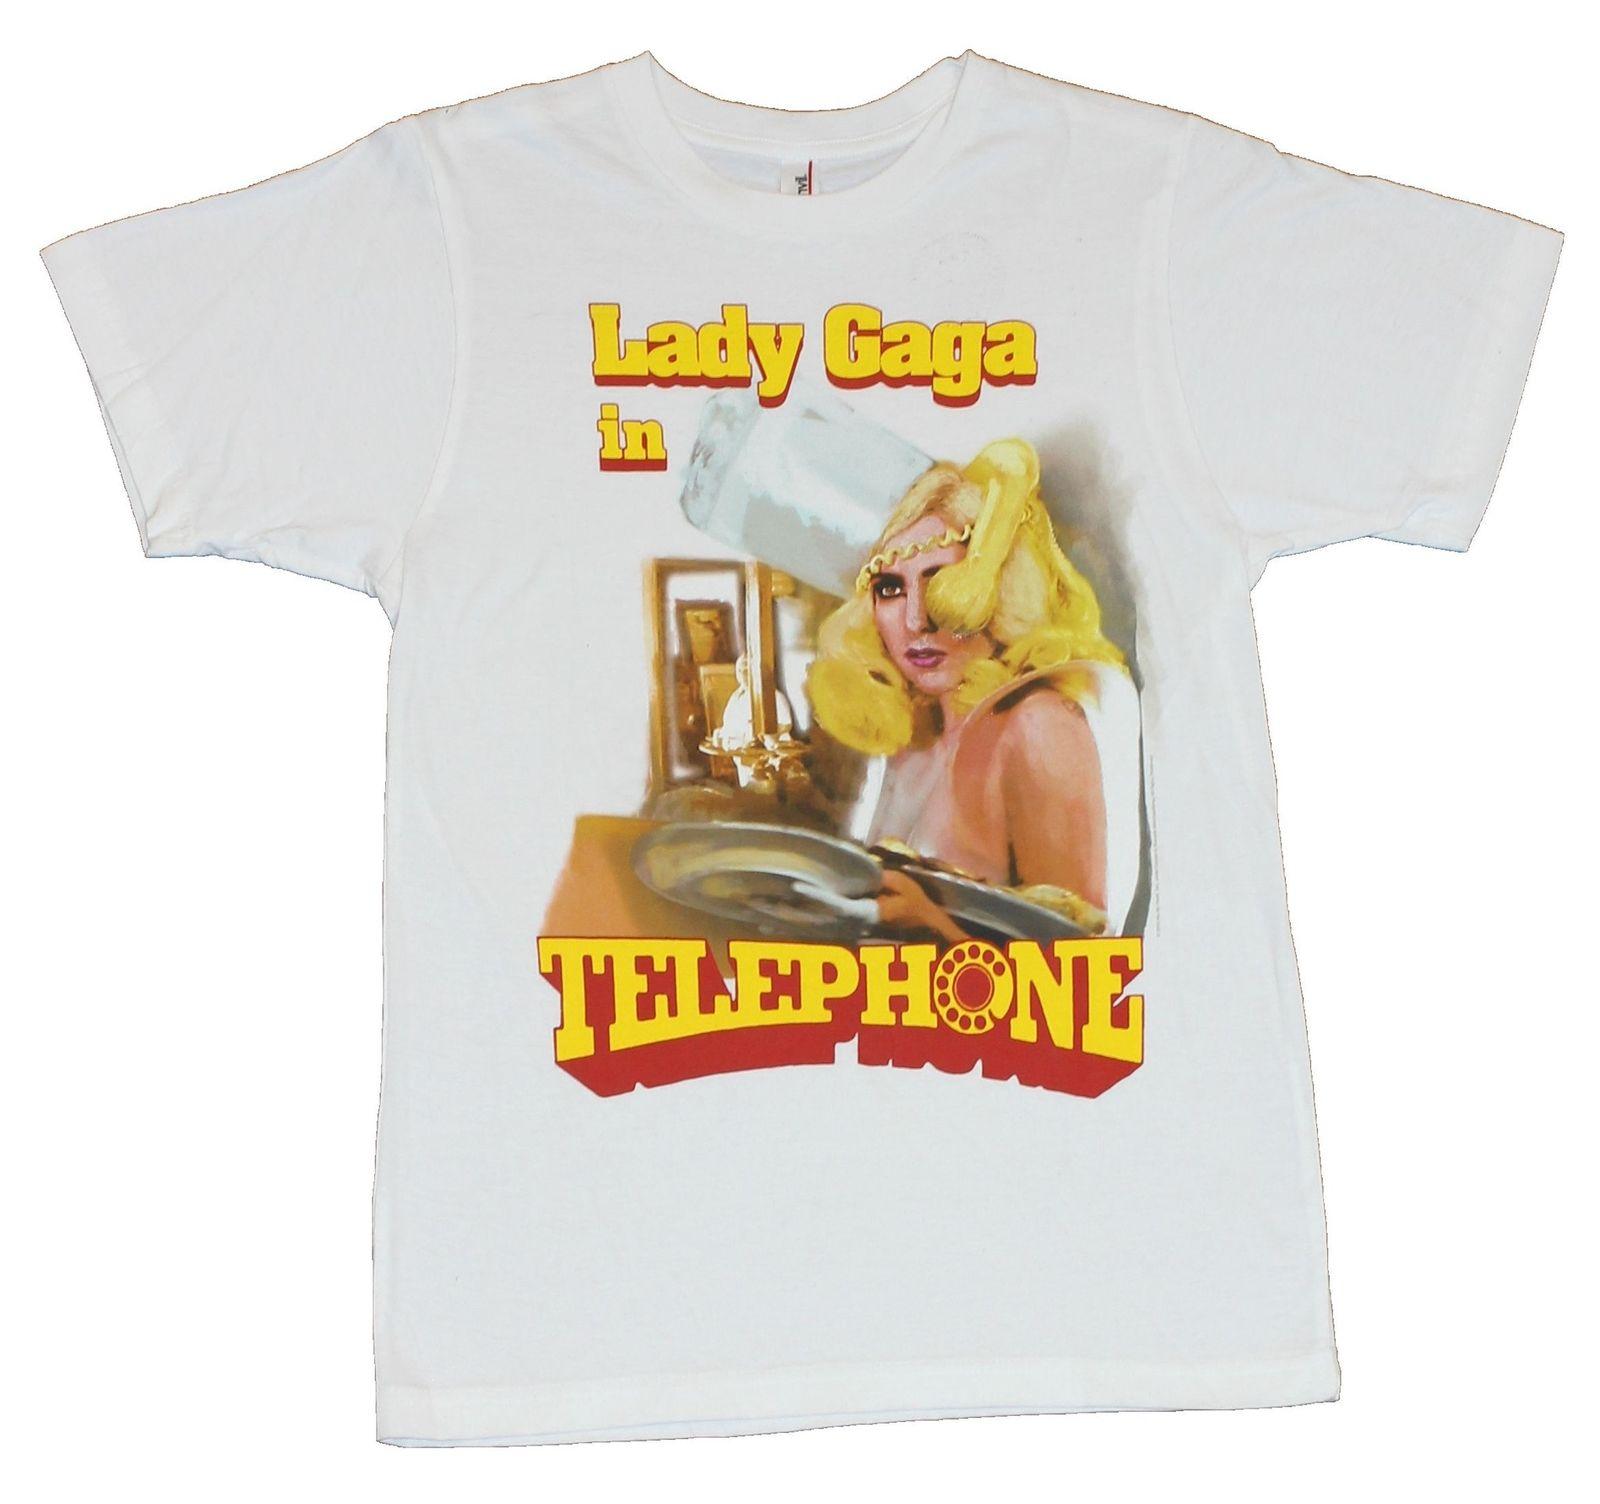 Señora Gaga Mens T-Shirt - Gaga en teléfono Cartoon camiseta hombres Unisex nueva moda camiseta envío gratis tops divertidos